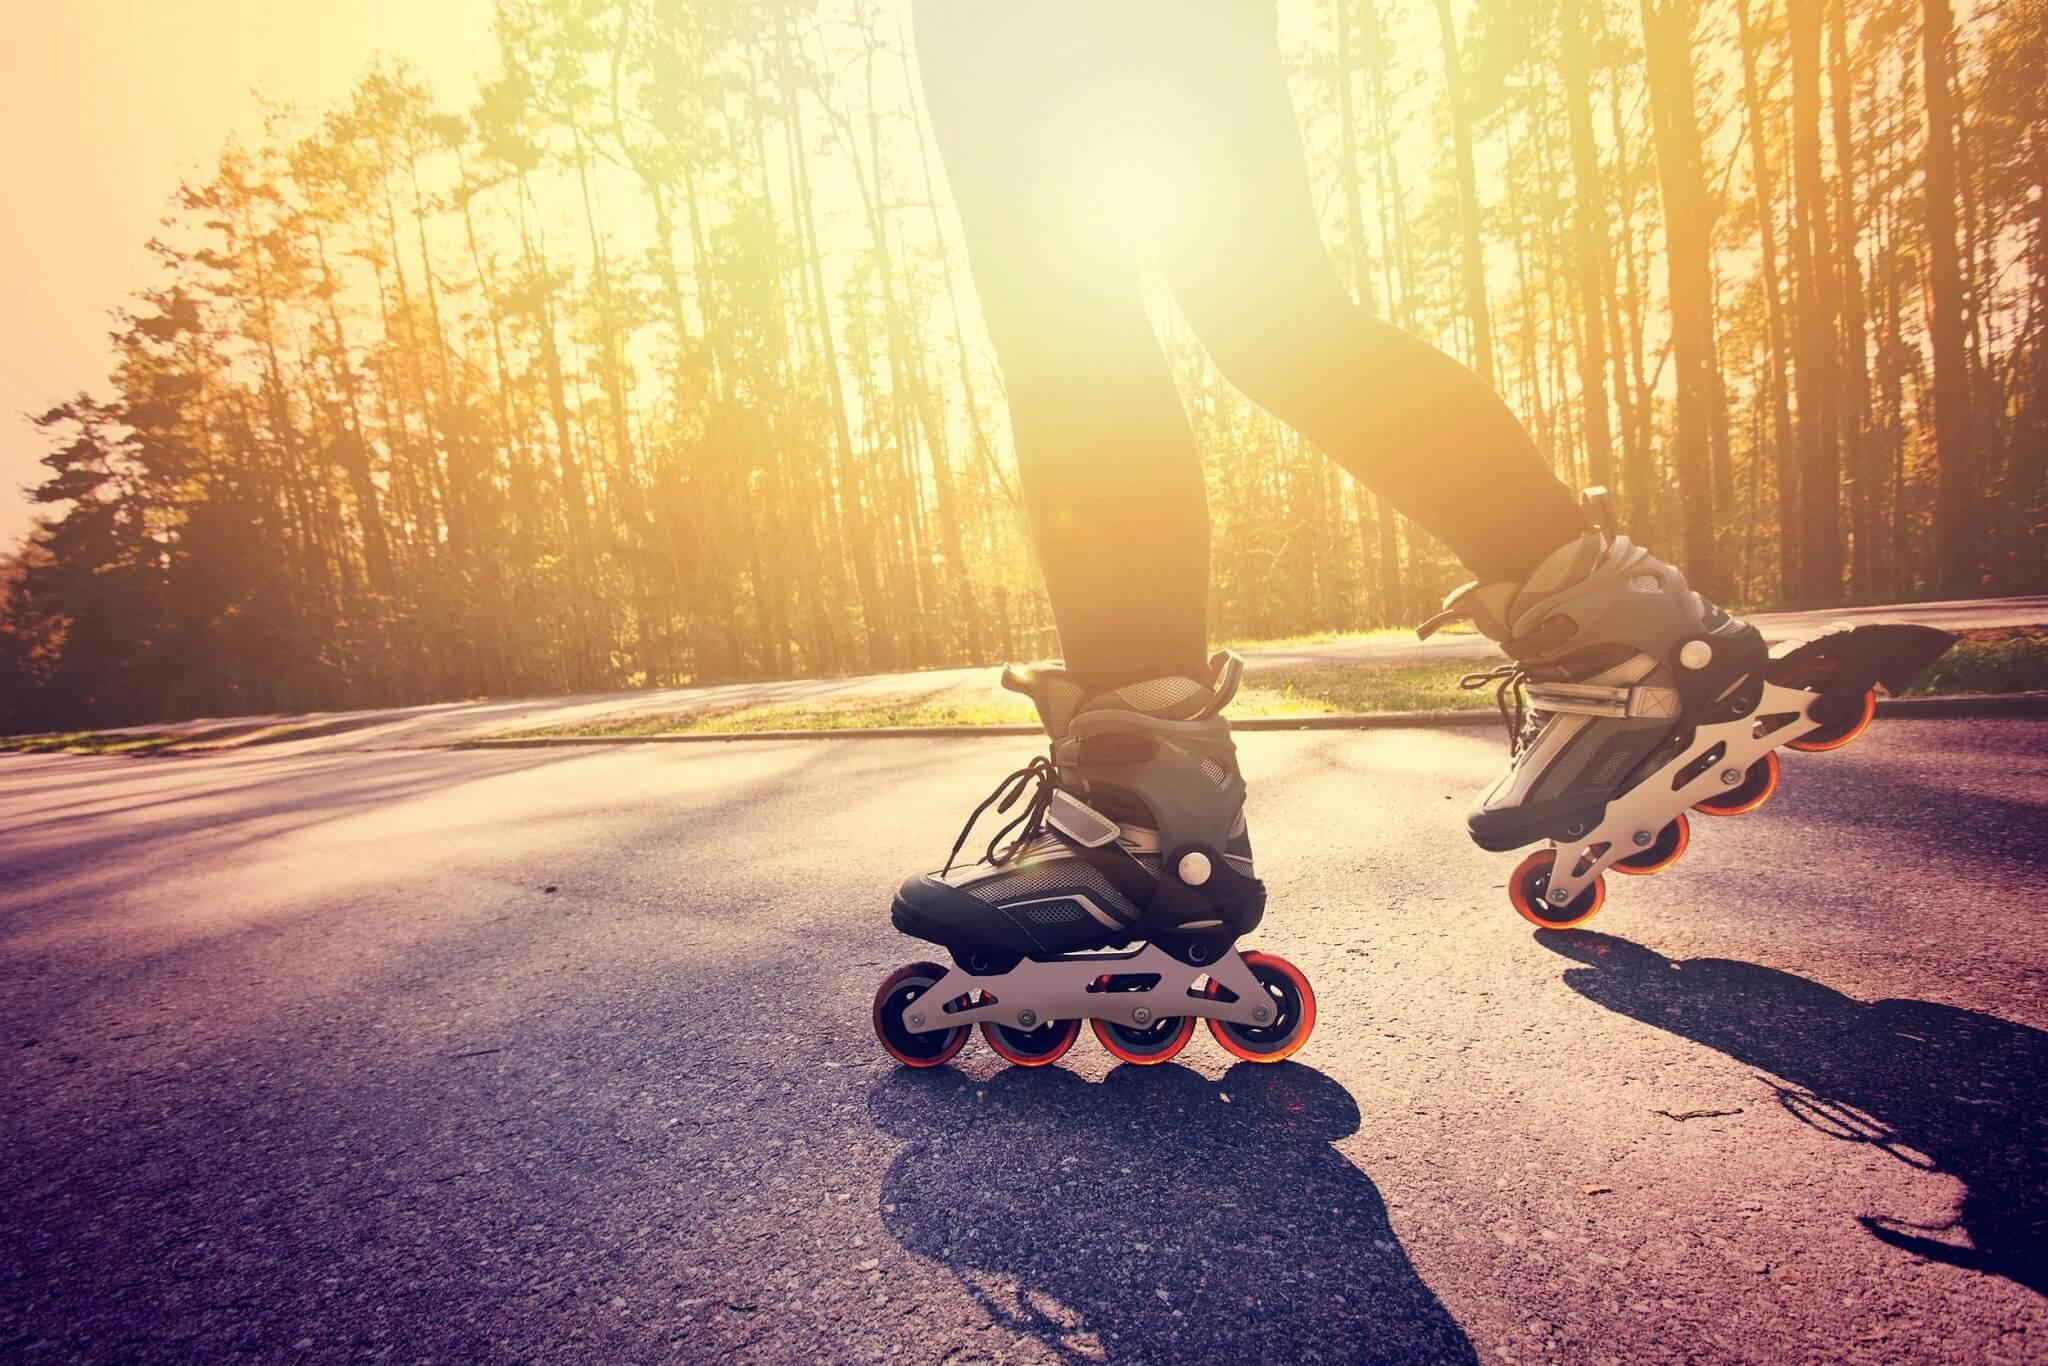 Résident du projet Pointe Est en patin à roues alignées